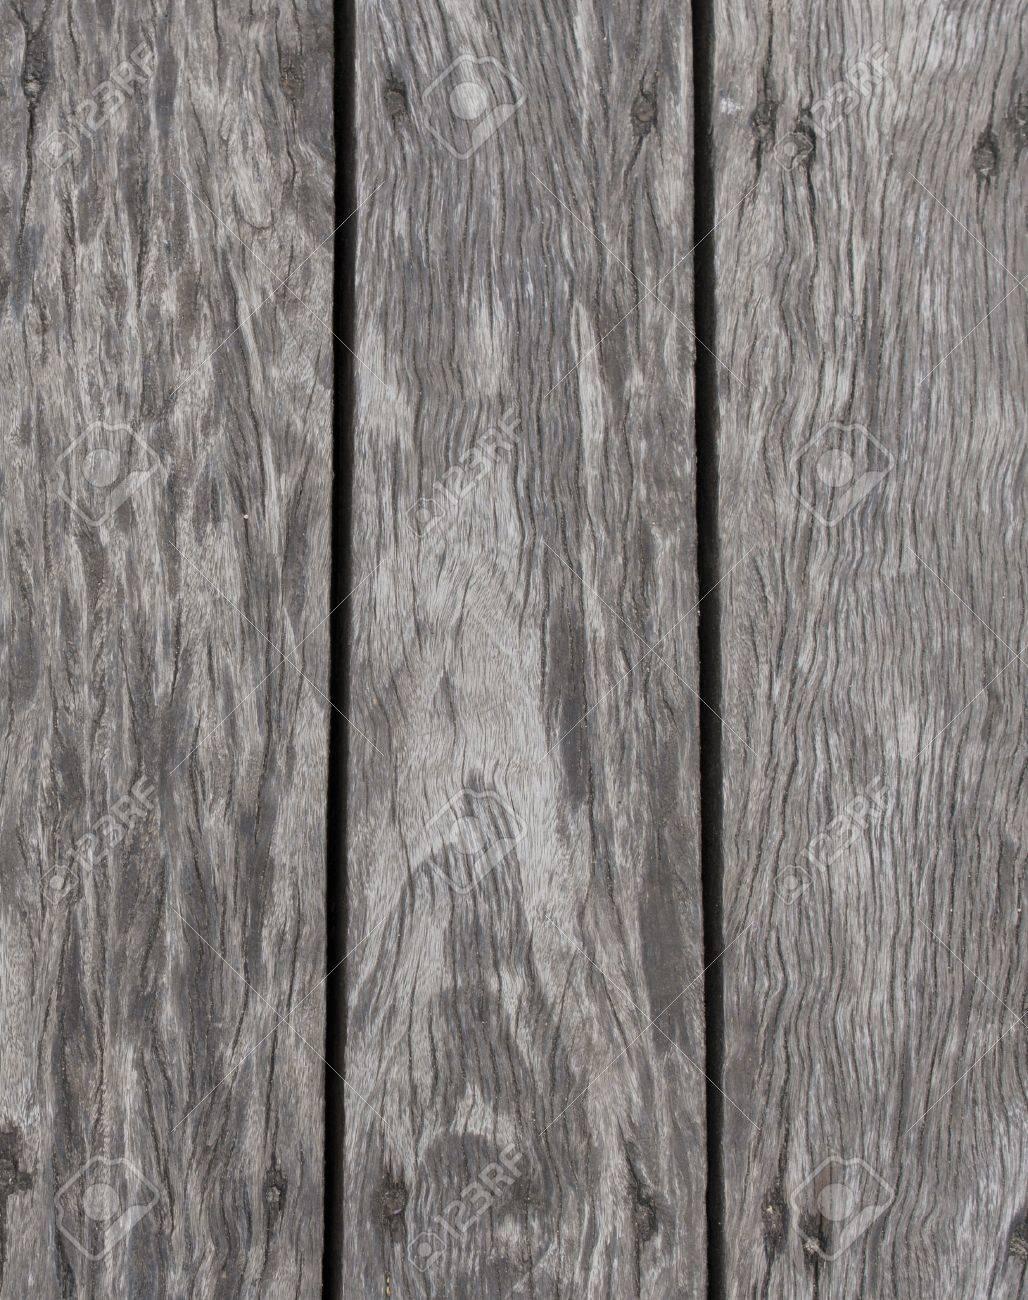 Texture Stock Photo - 22421177